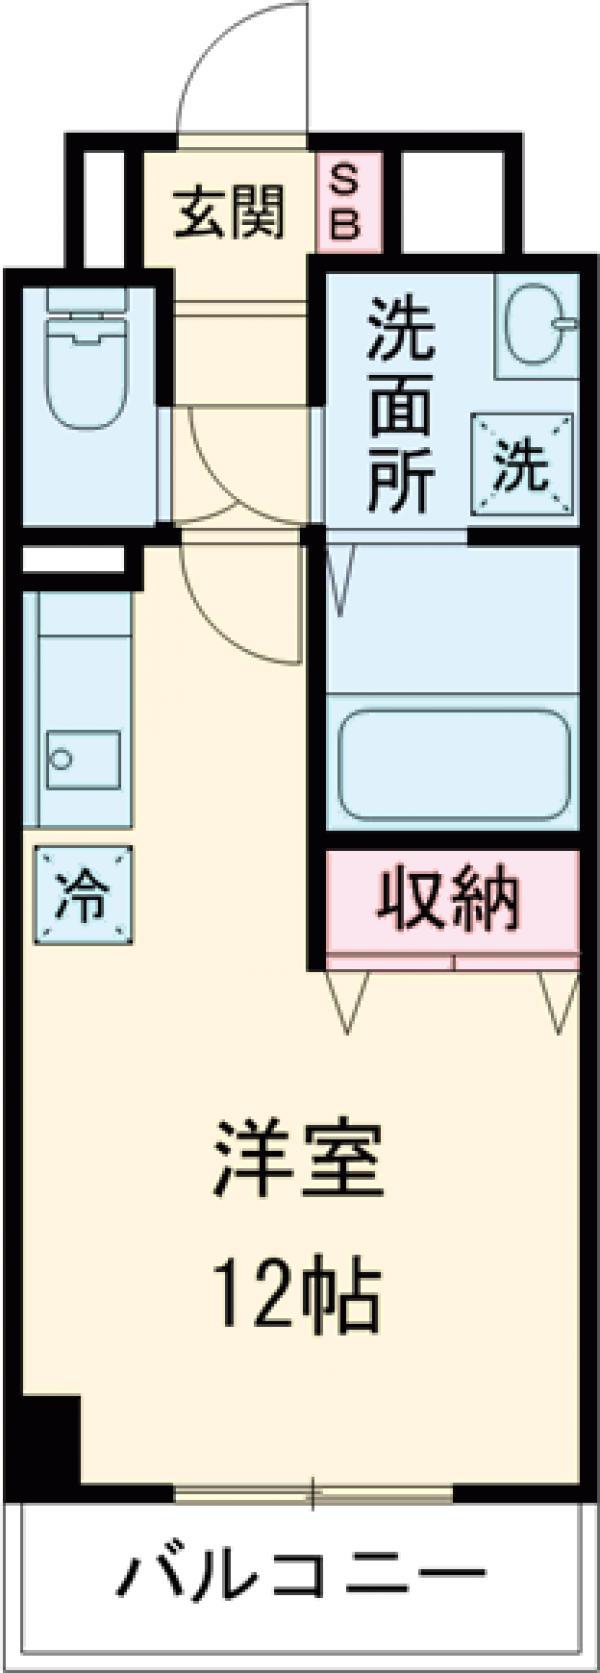 プラナス桜・302号室の間取り